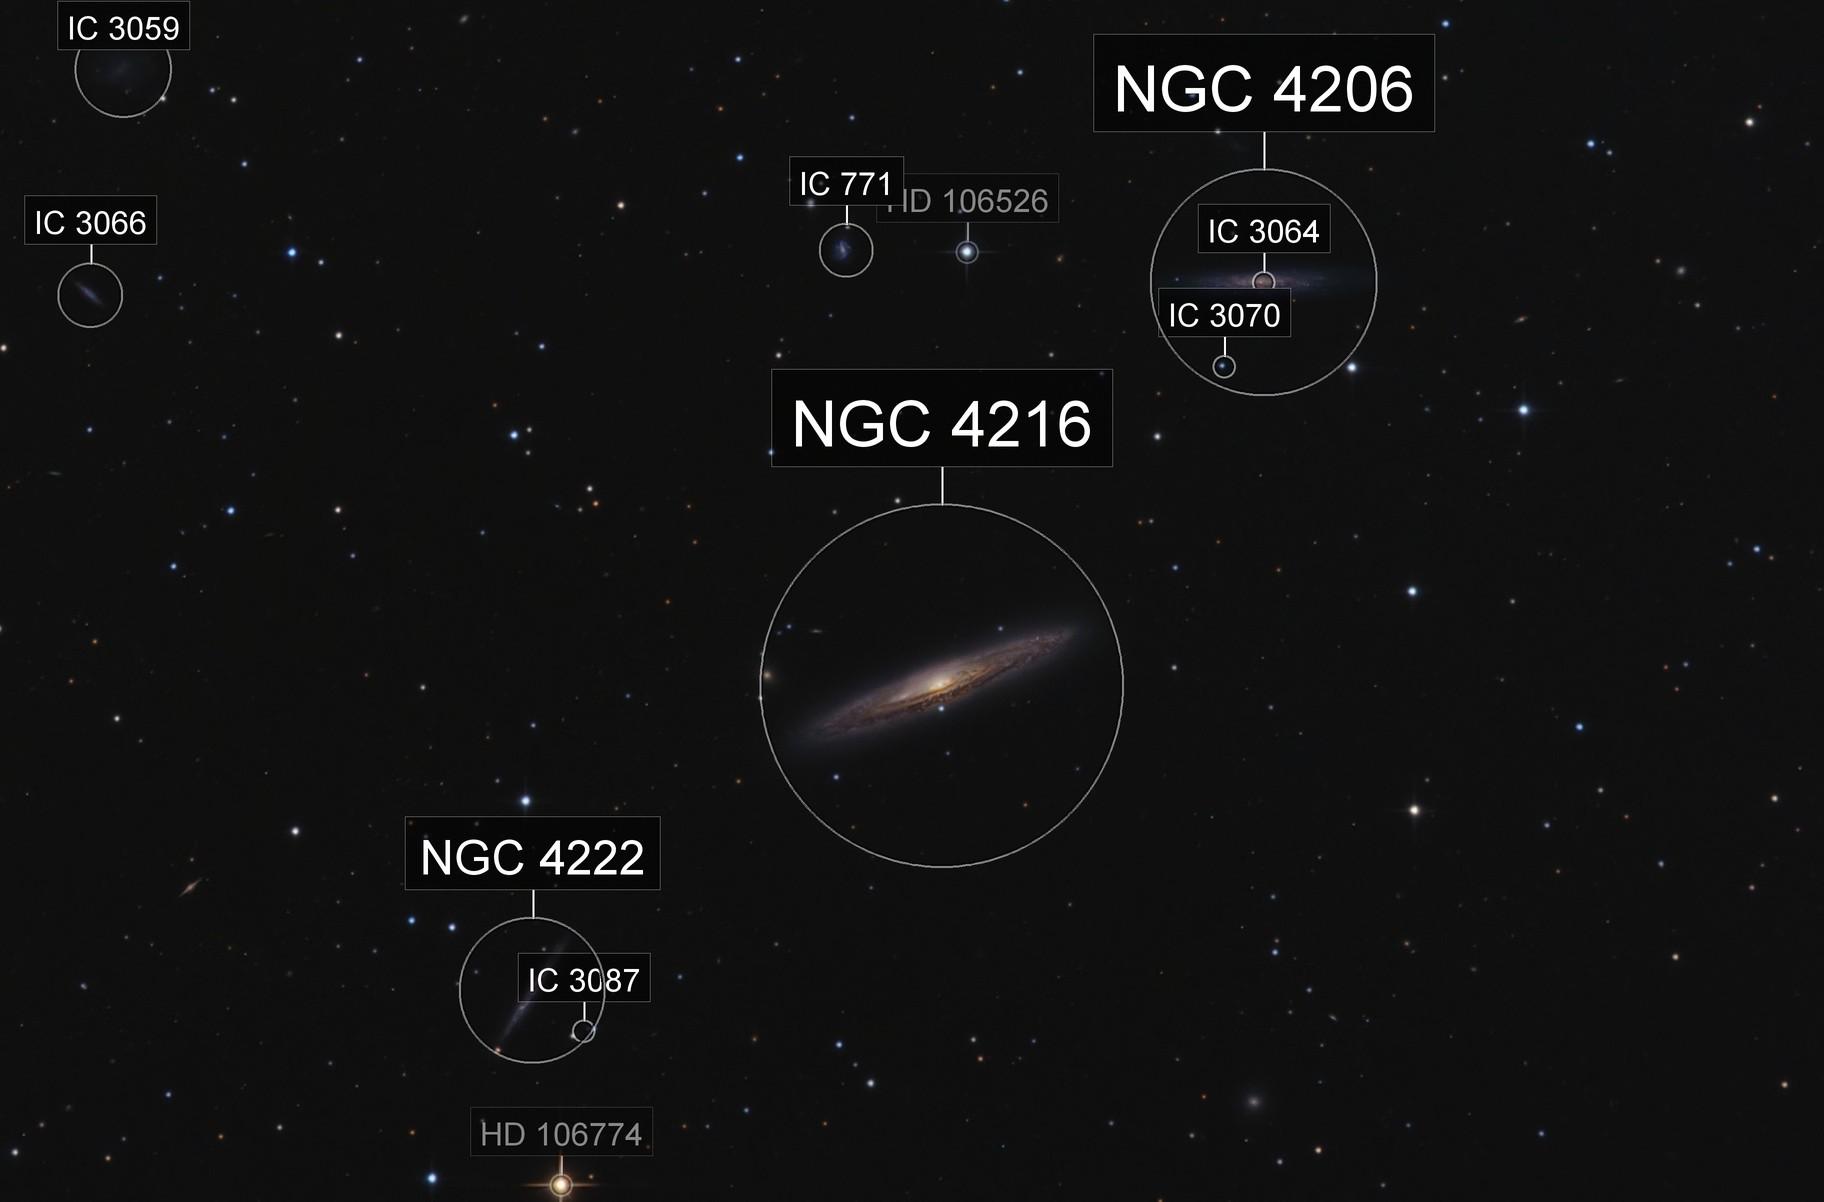 NGC 4216